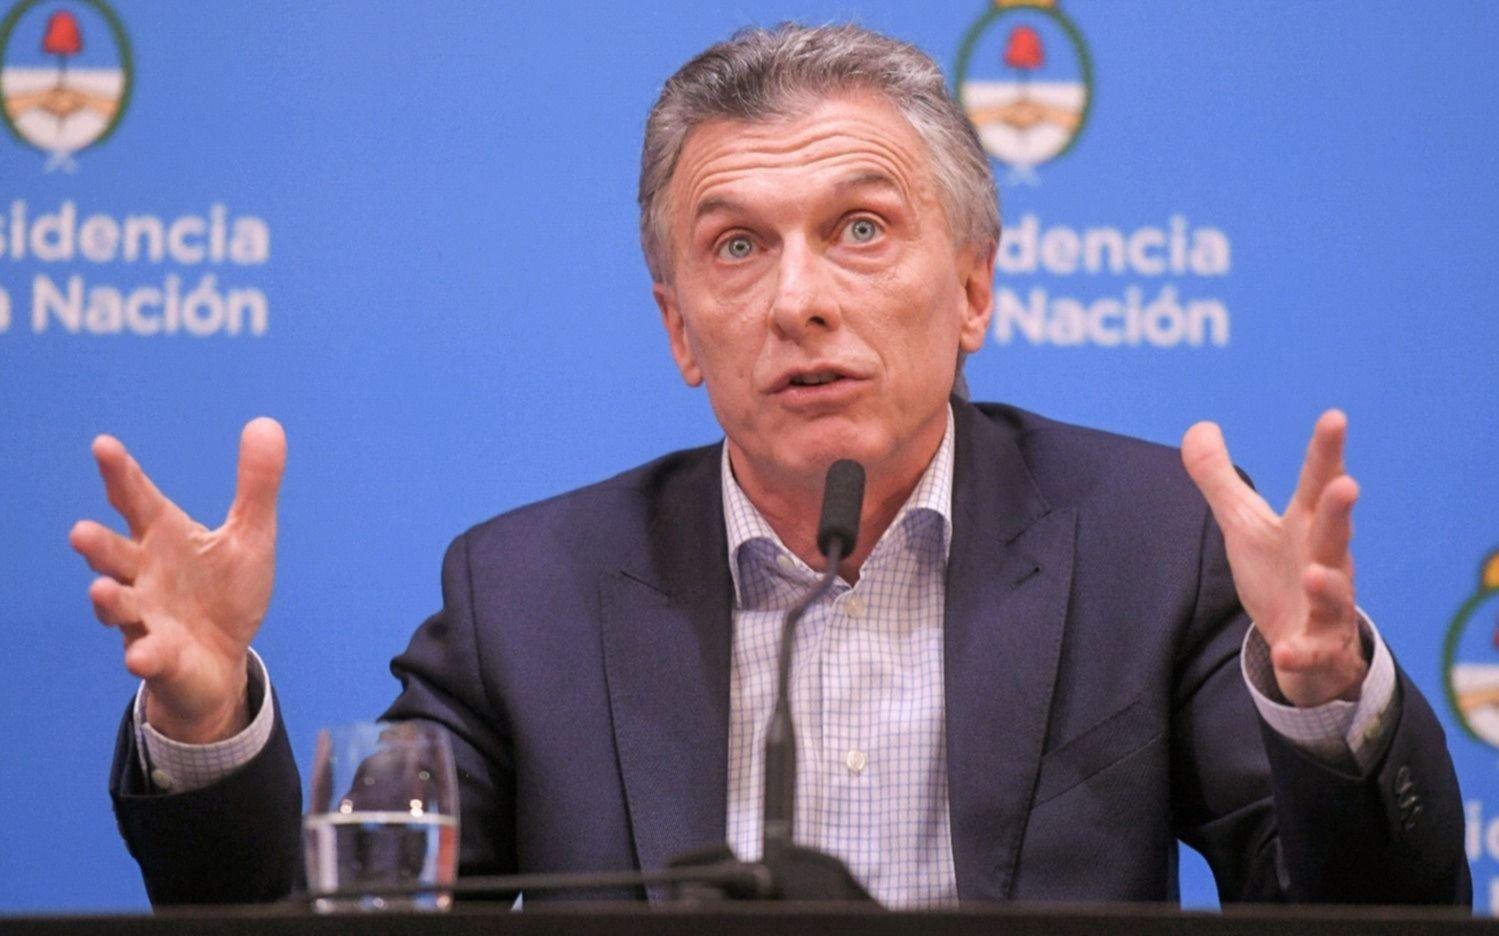 Macri, de reunión en reunión, en medio de rumores de cambios